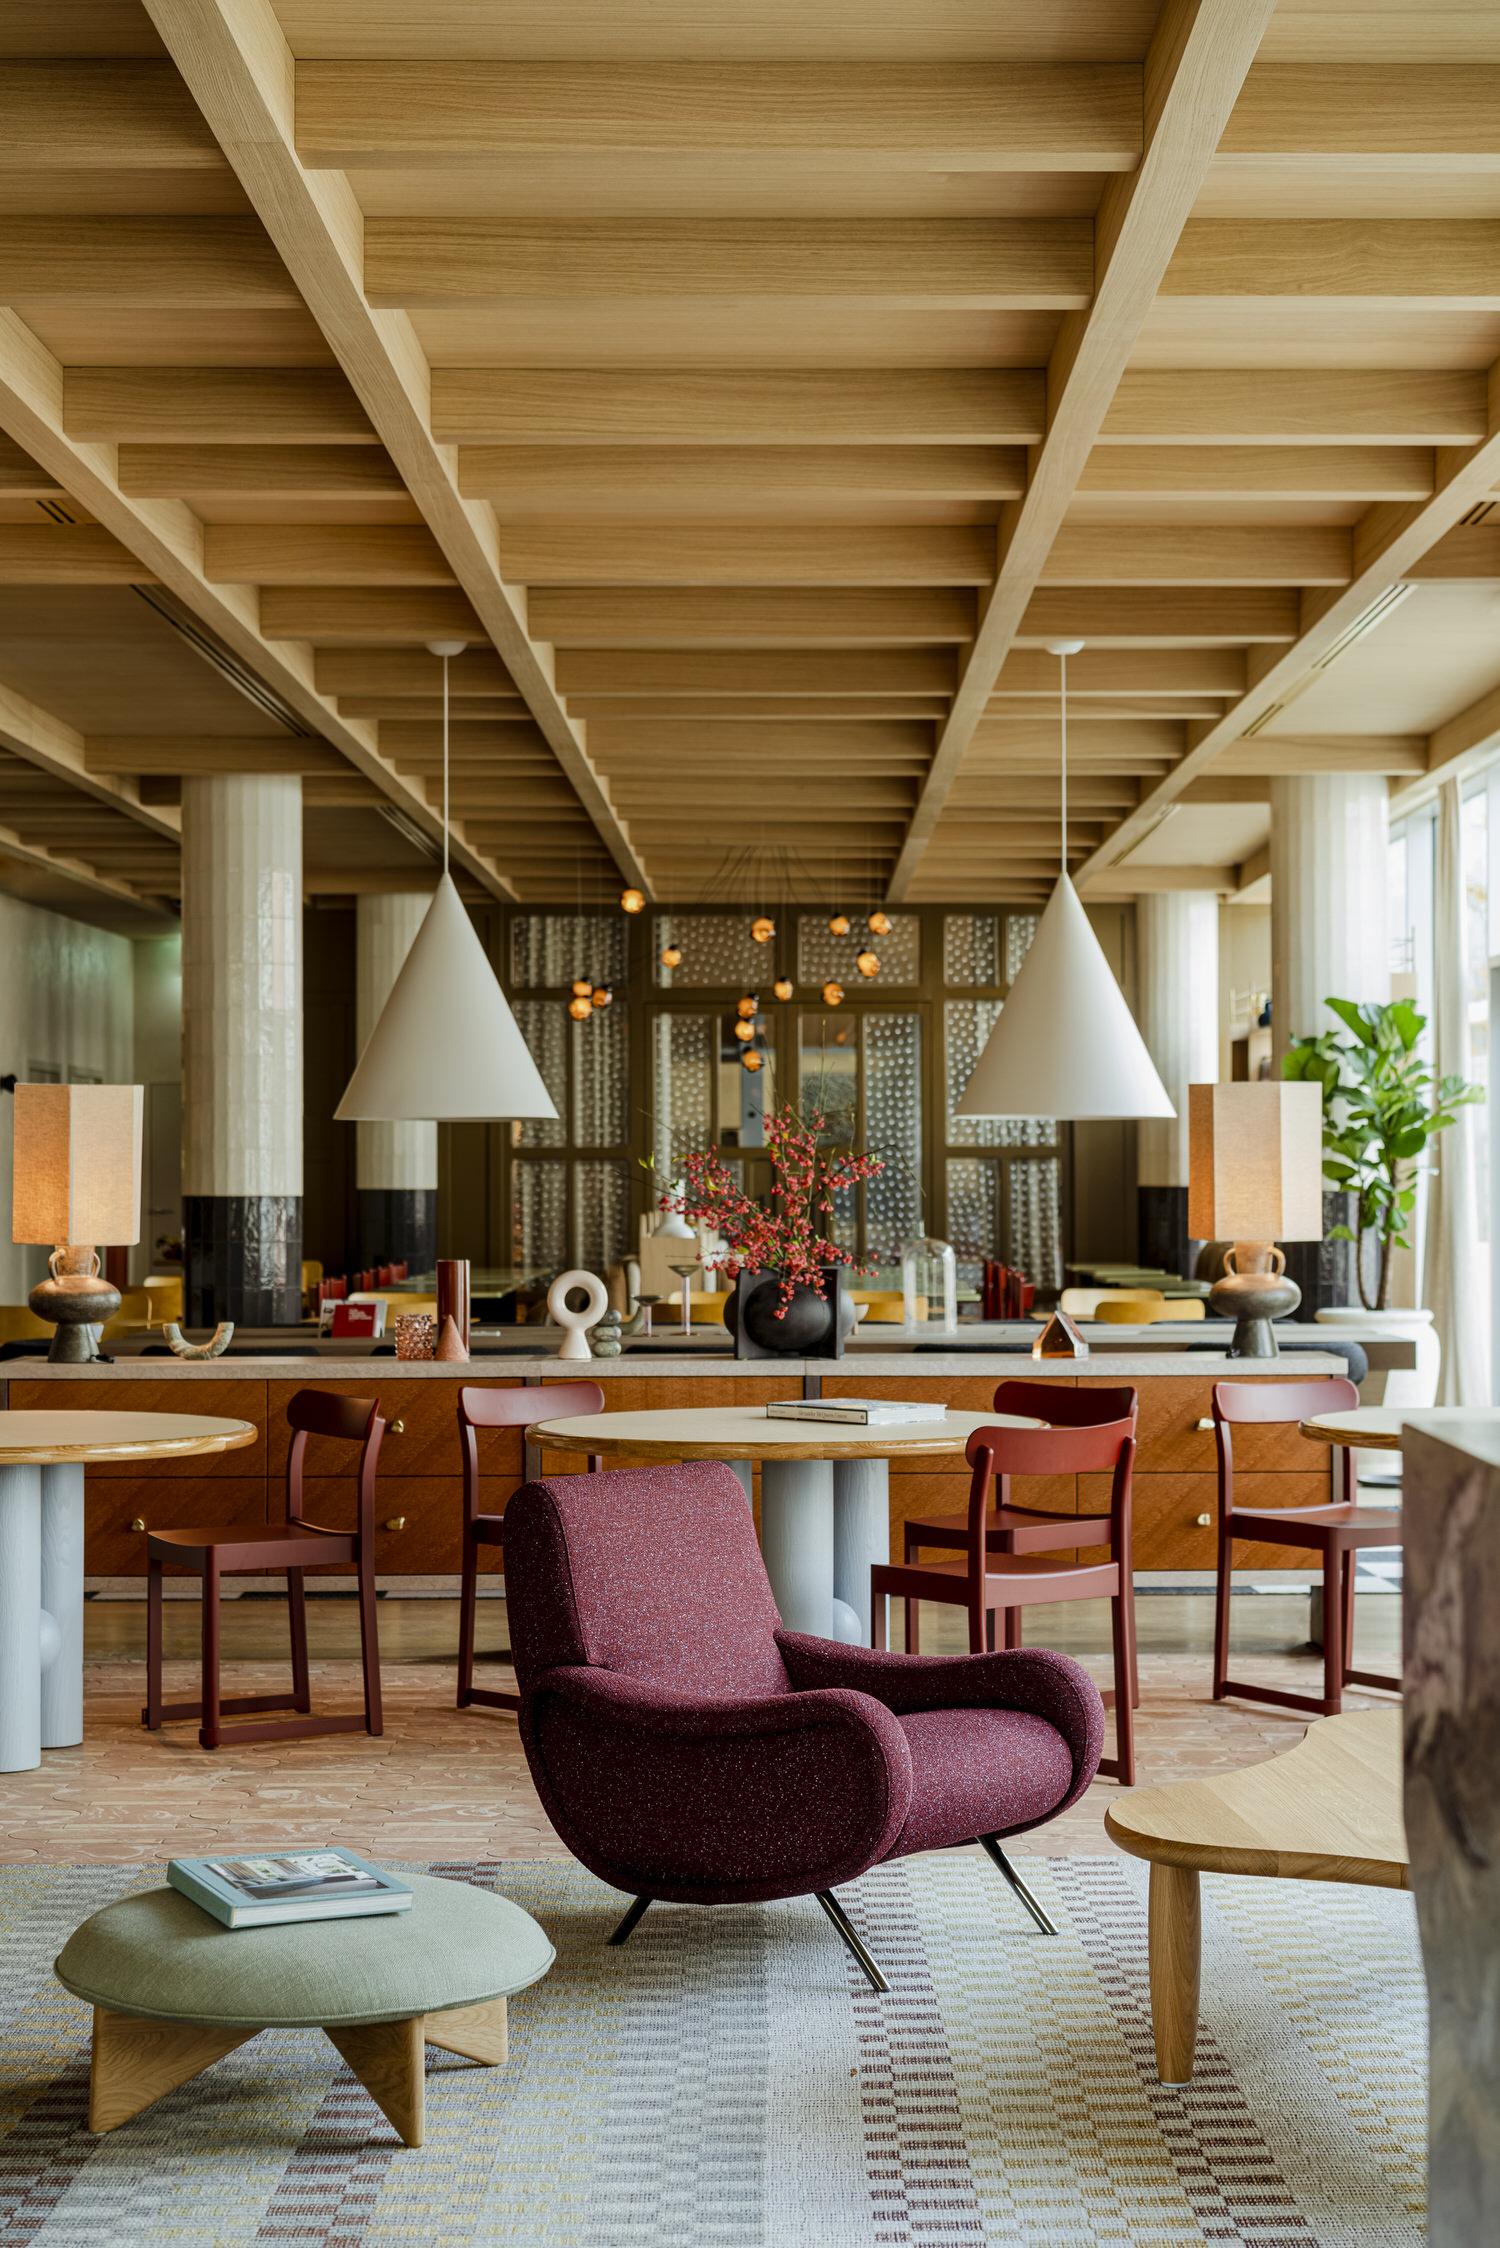 Paradowski Studio Puro Hotel Krakow Photo Pion Studio Yellowtrace 16